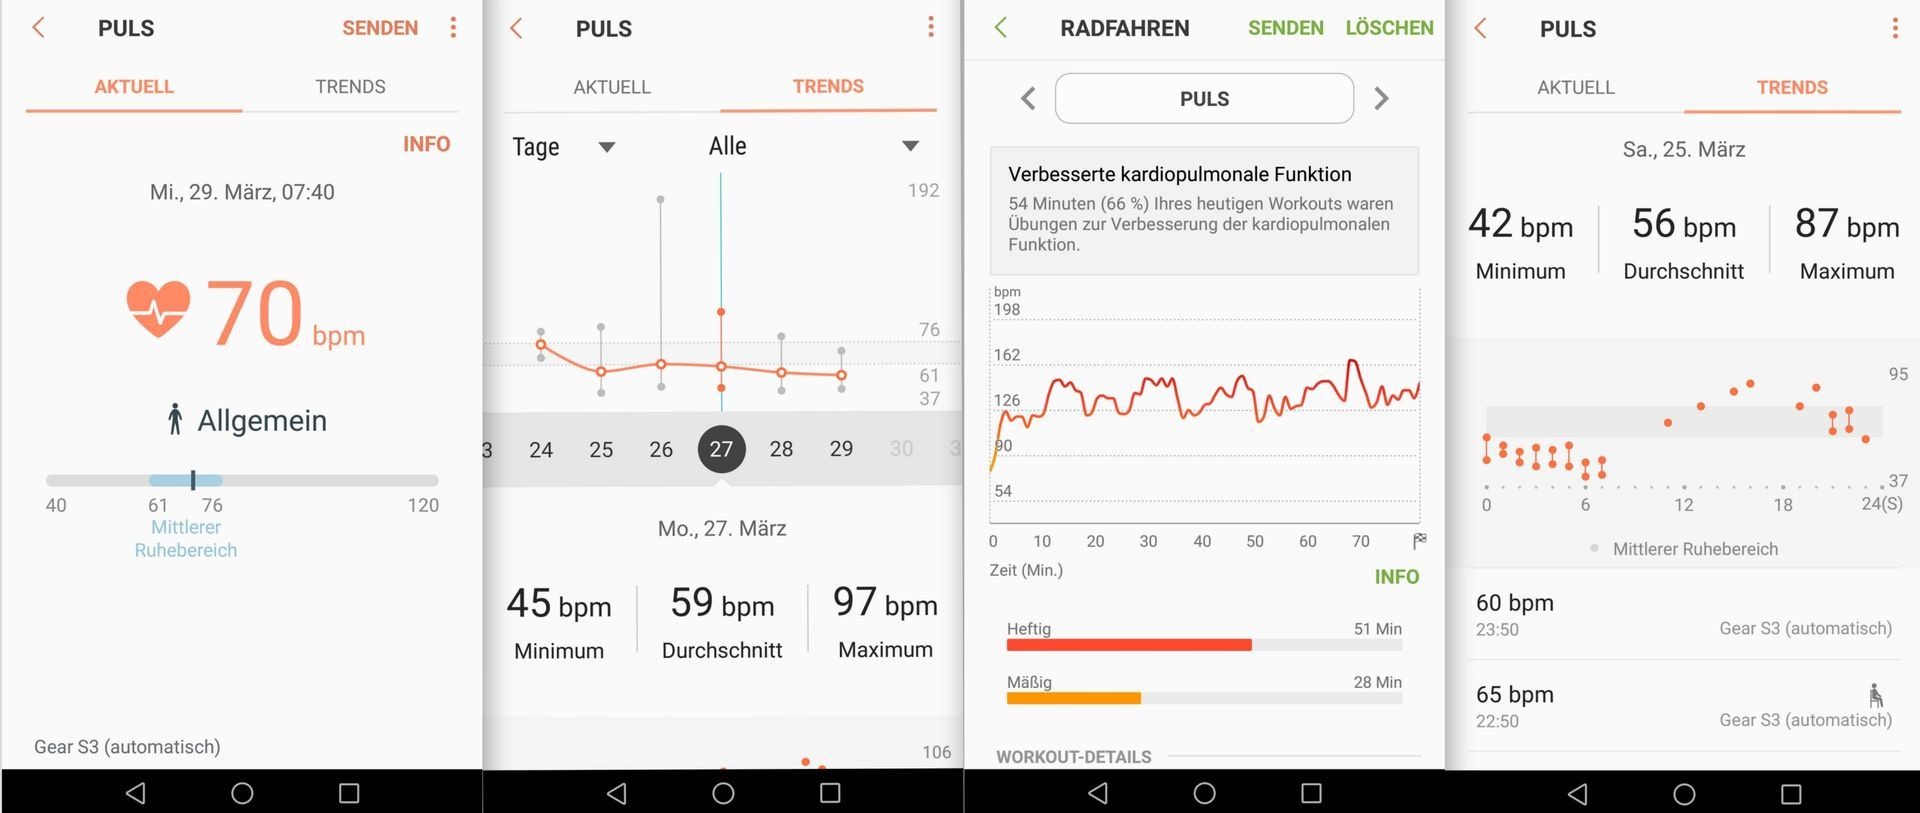 Aufzeichnung Puls - Samsung Gear S3 - SmartTechNews